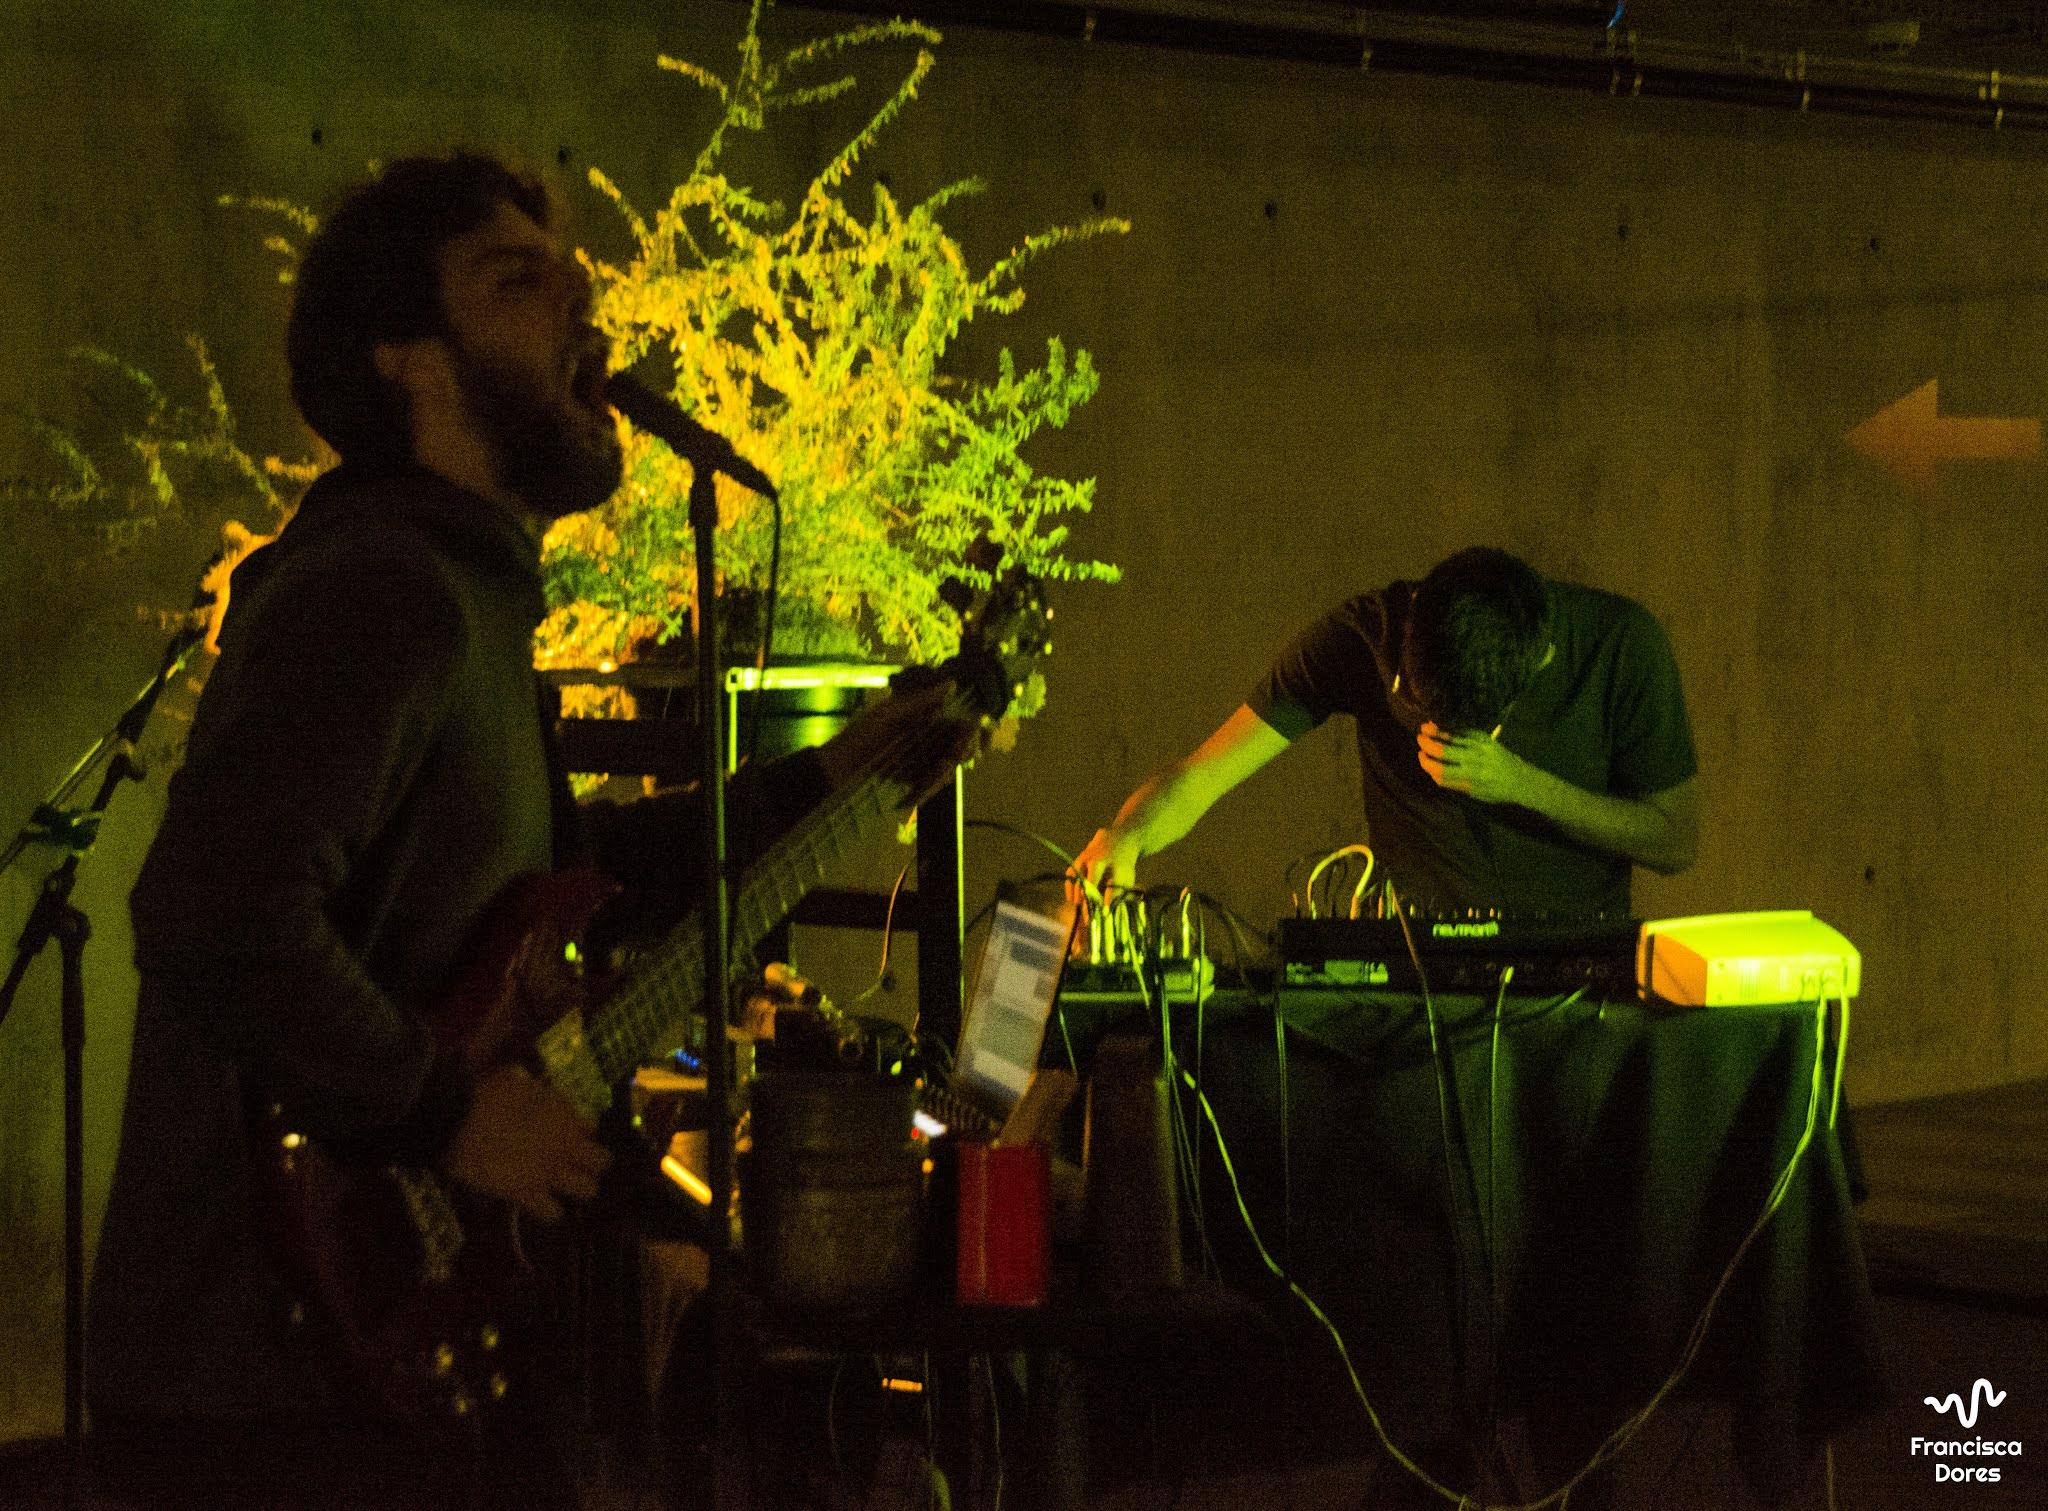 Fotogaleria: ATA OWWO + GUILLIO [Guimarães noc noc]